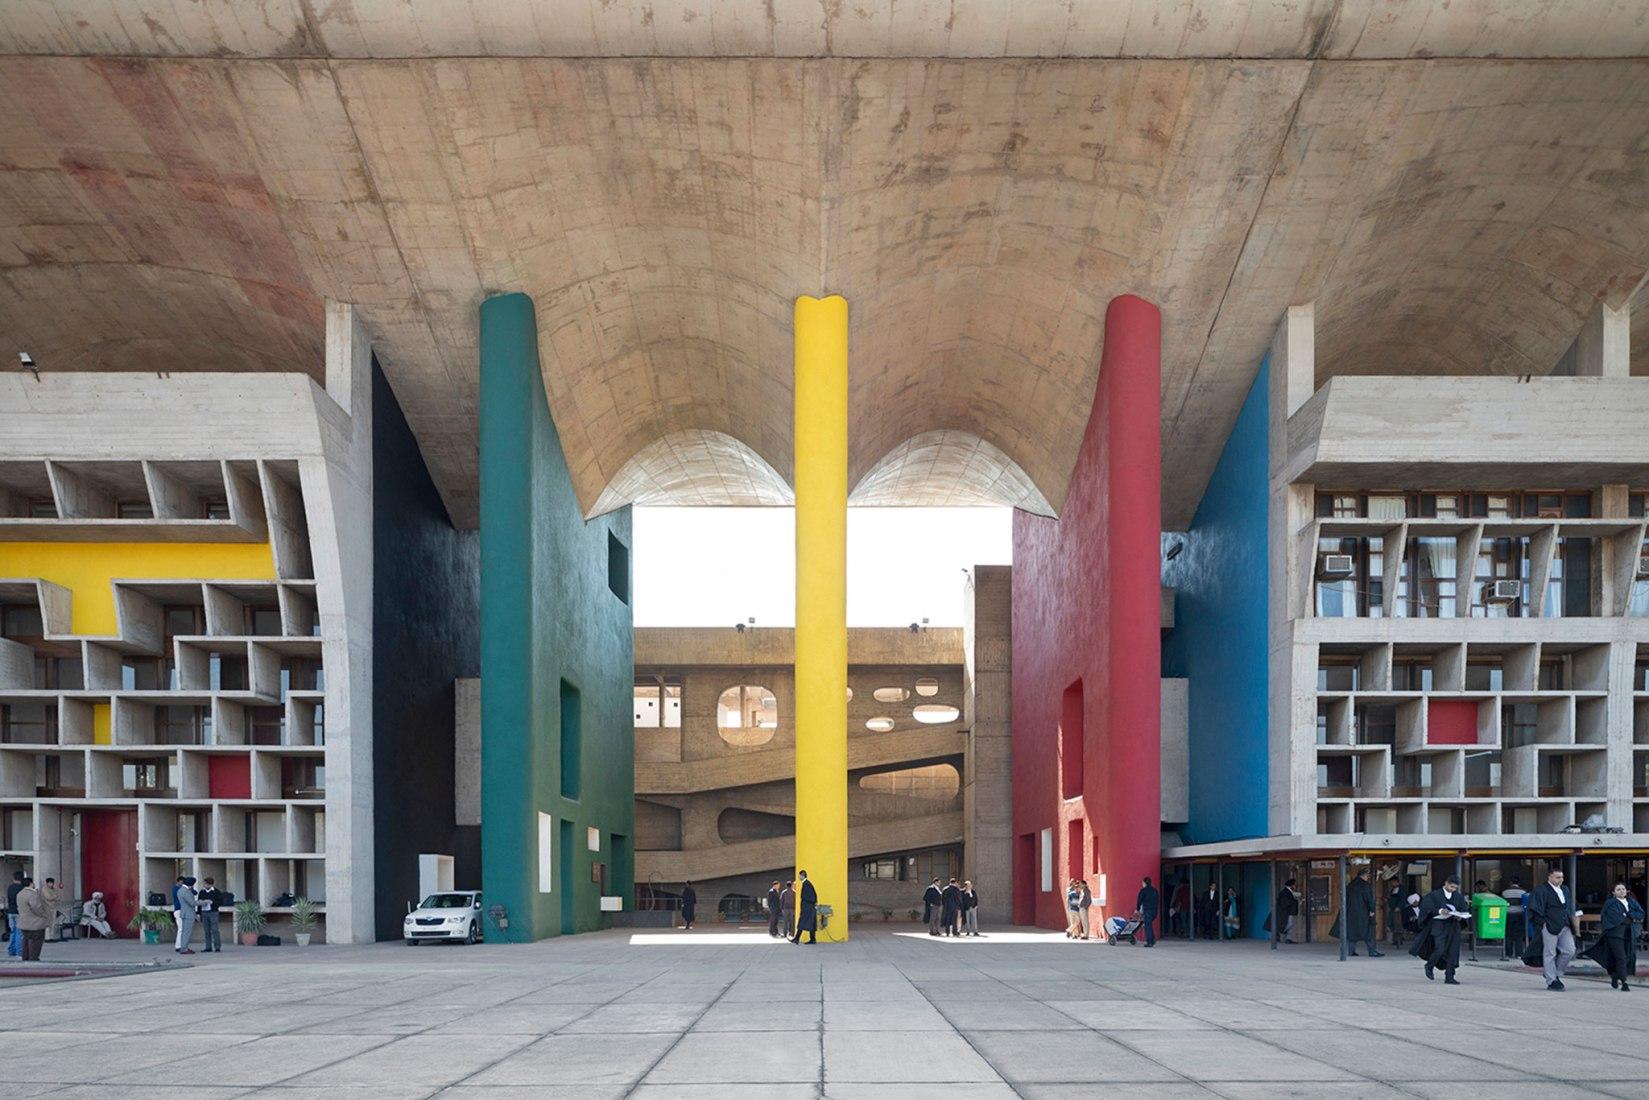 La Corte Suprema por Le Corbusier (1951-1957). Chandigarh, fragmentos de una utopía modernista por Roberto Conte. Imagen cortesía por el autor.